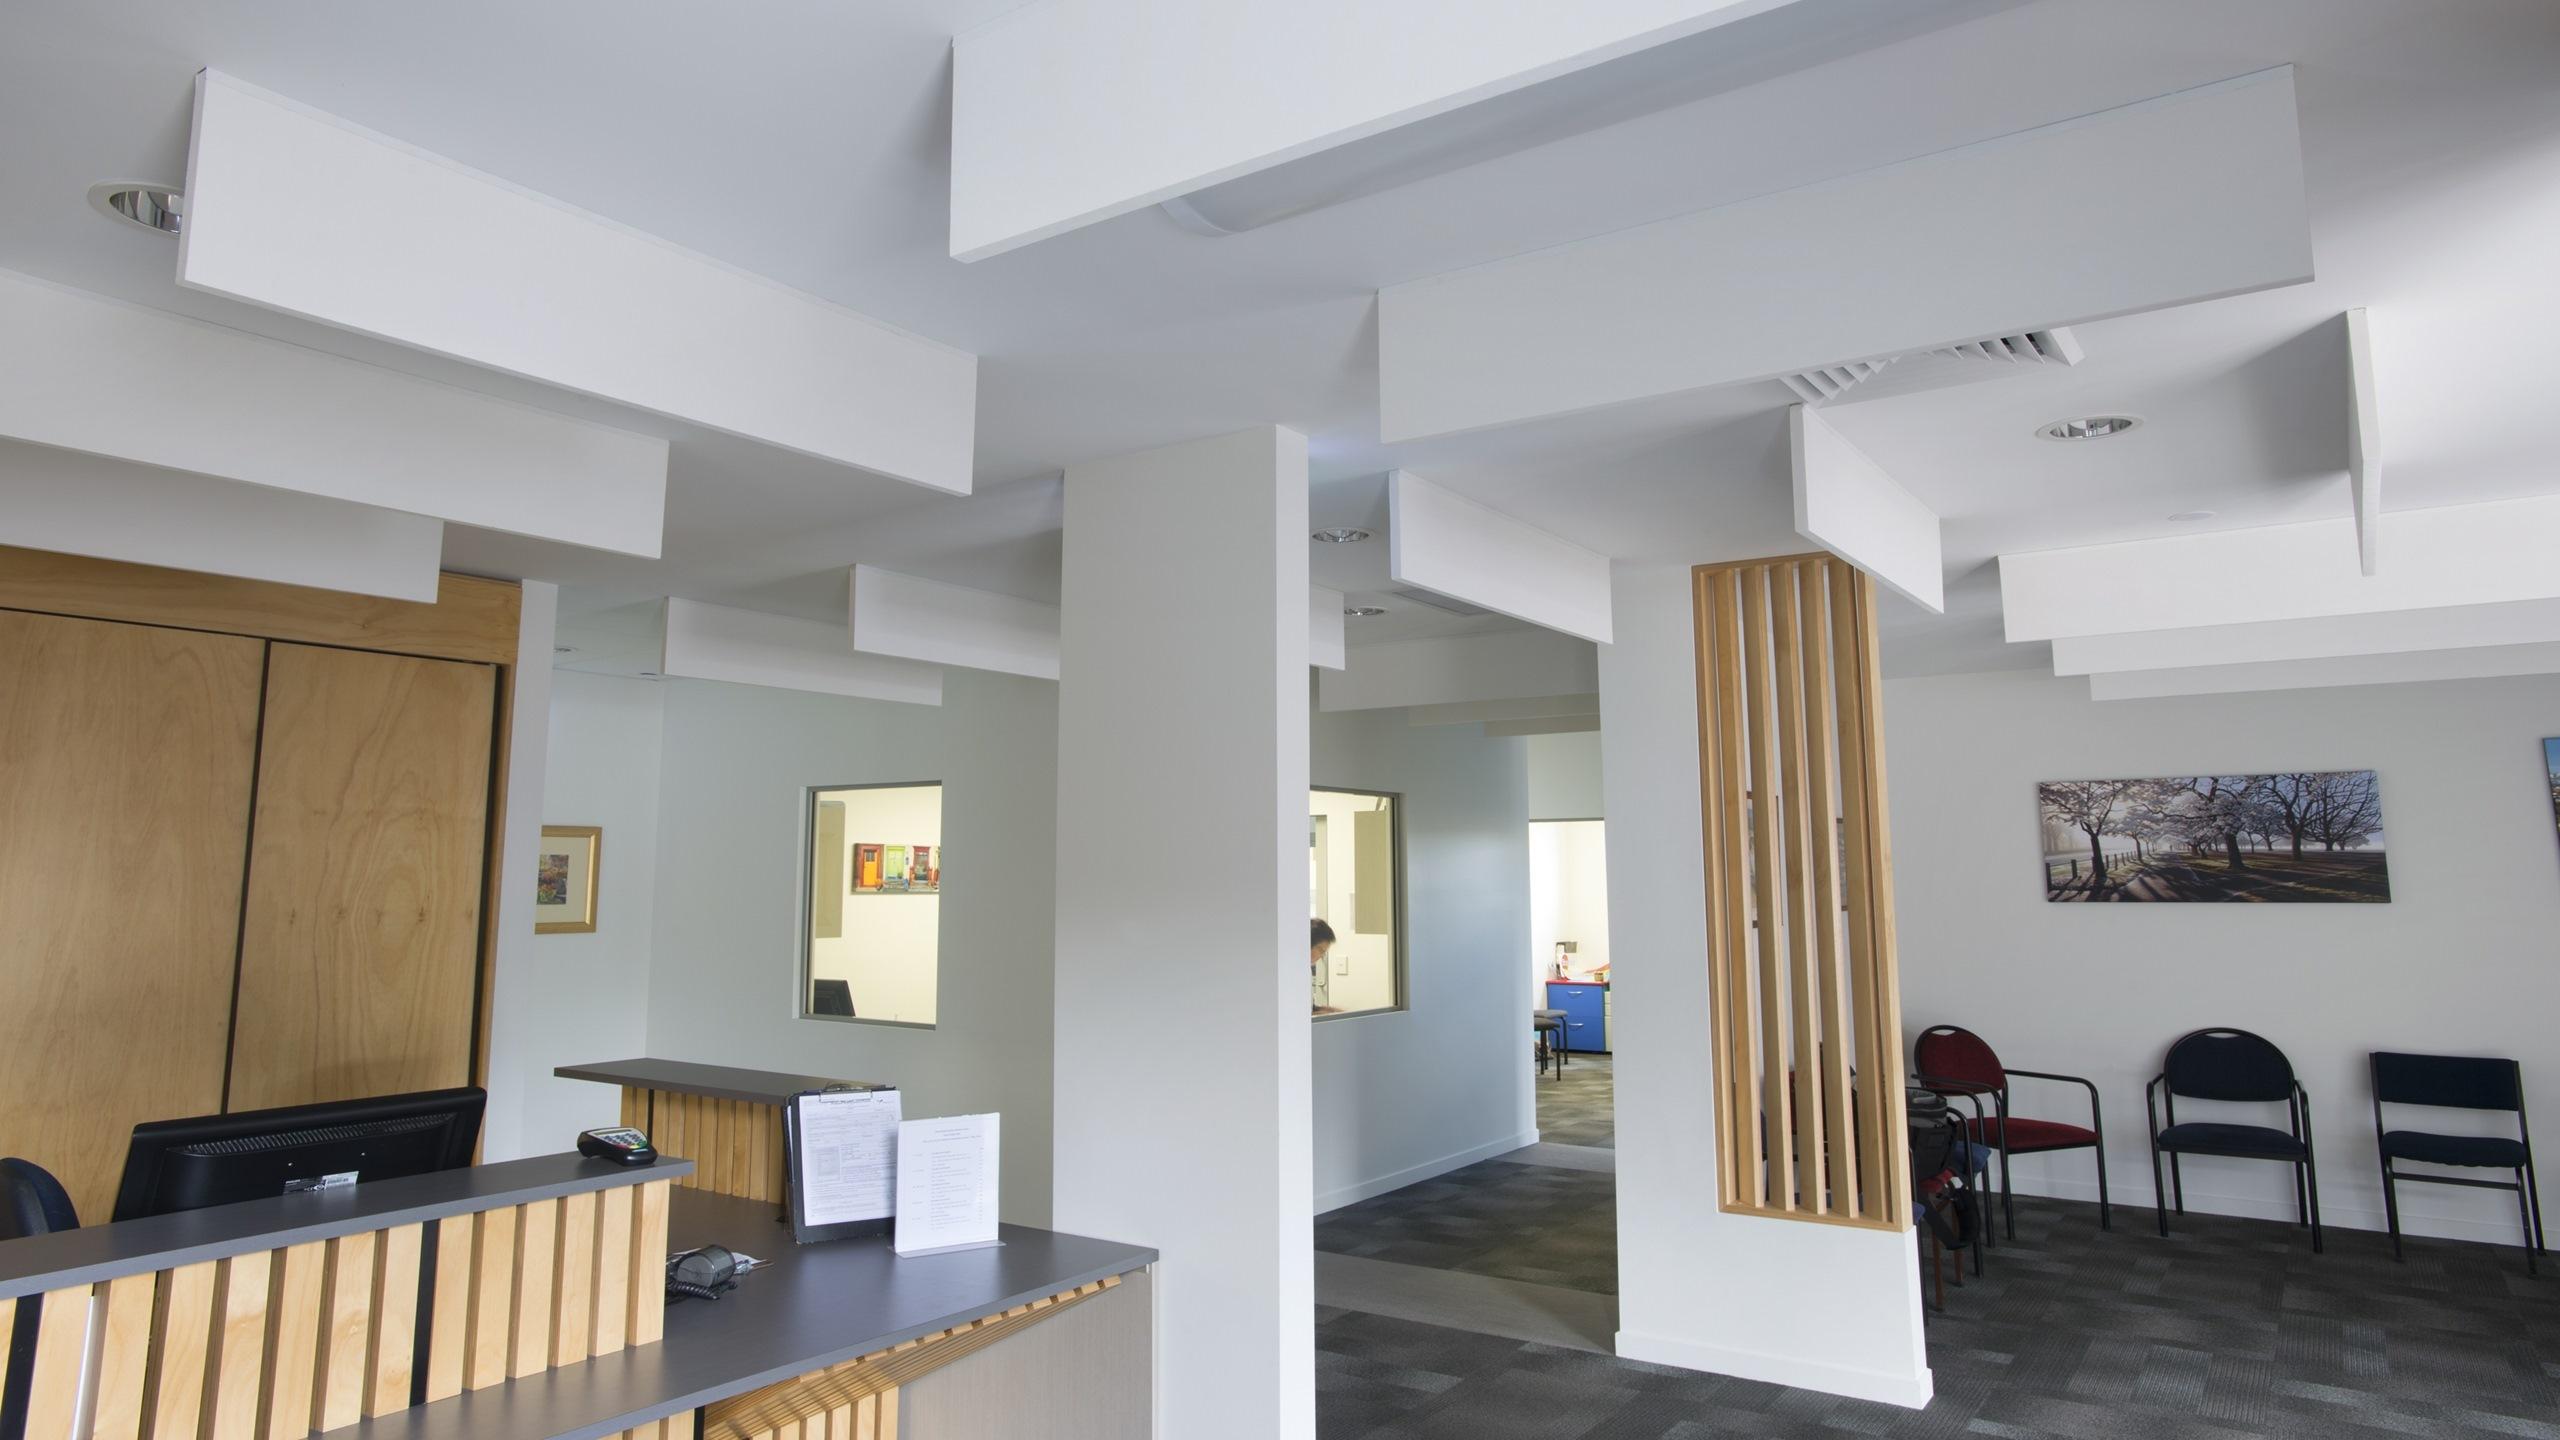 Marshland Medical Centre showing white direct fixed Baffle Panels